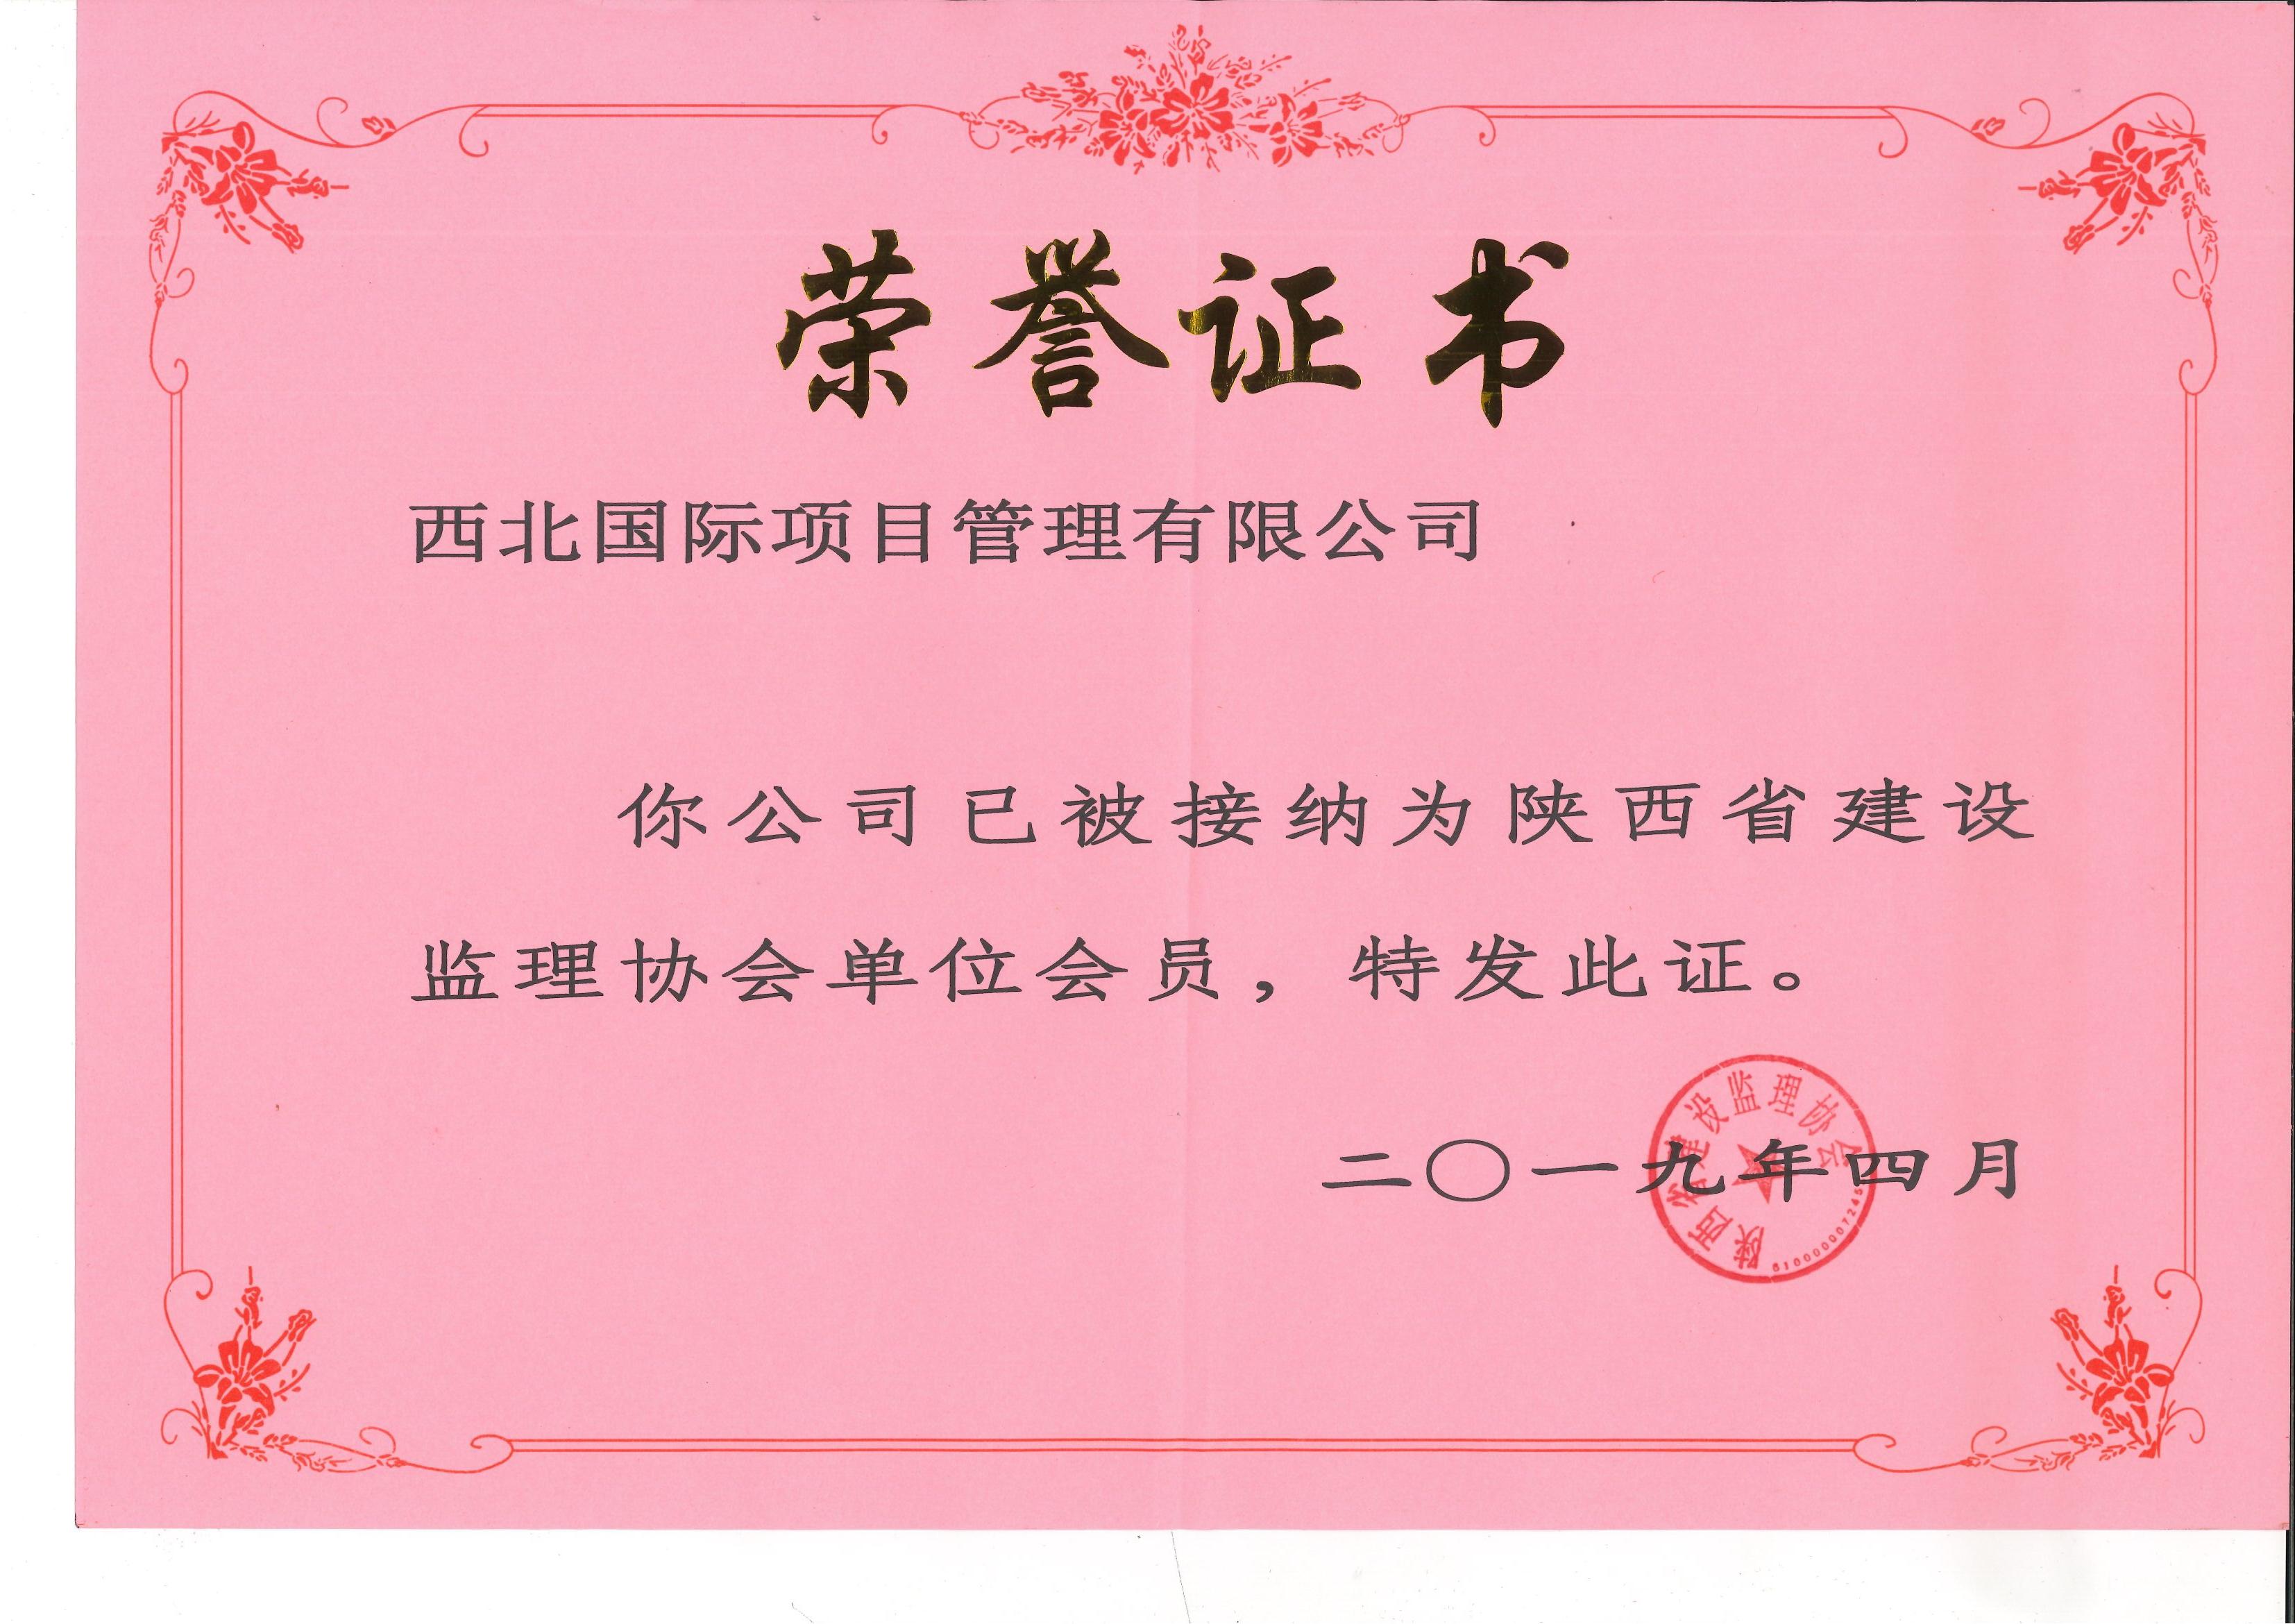 陕西省建设监理协会单位会员